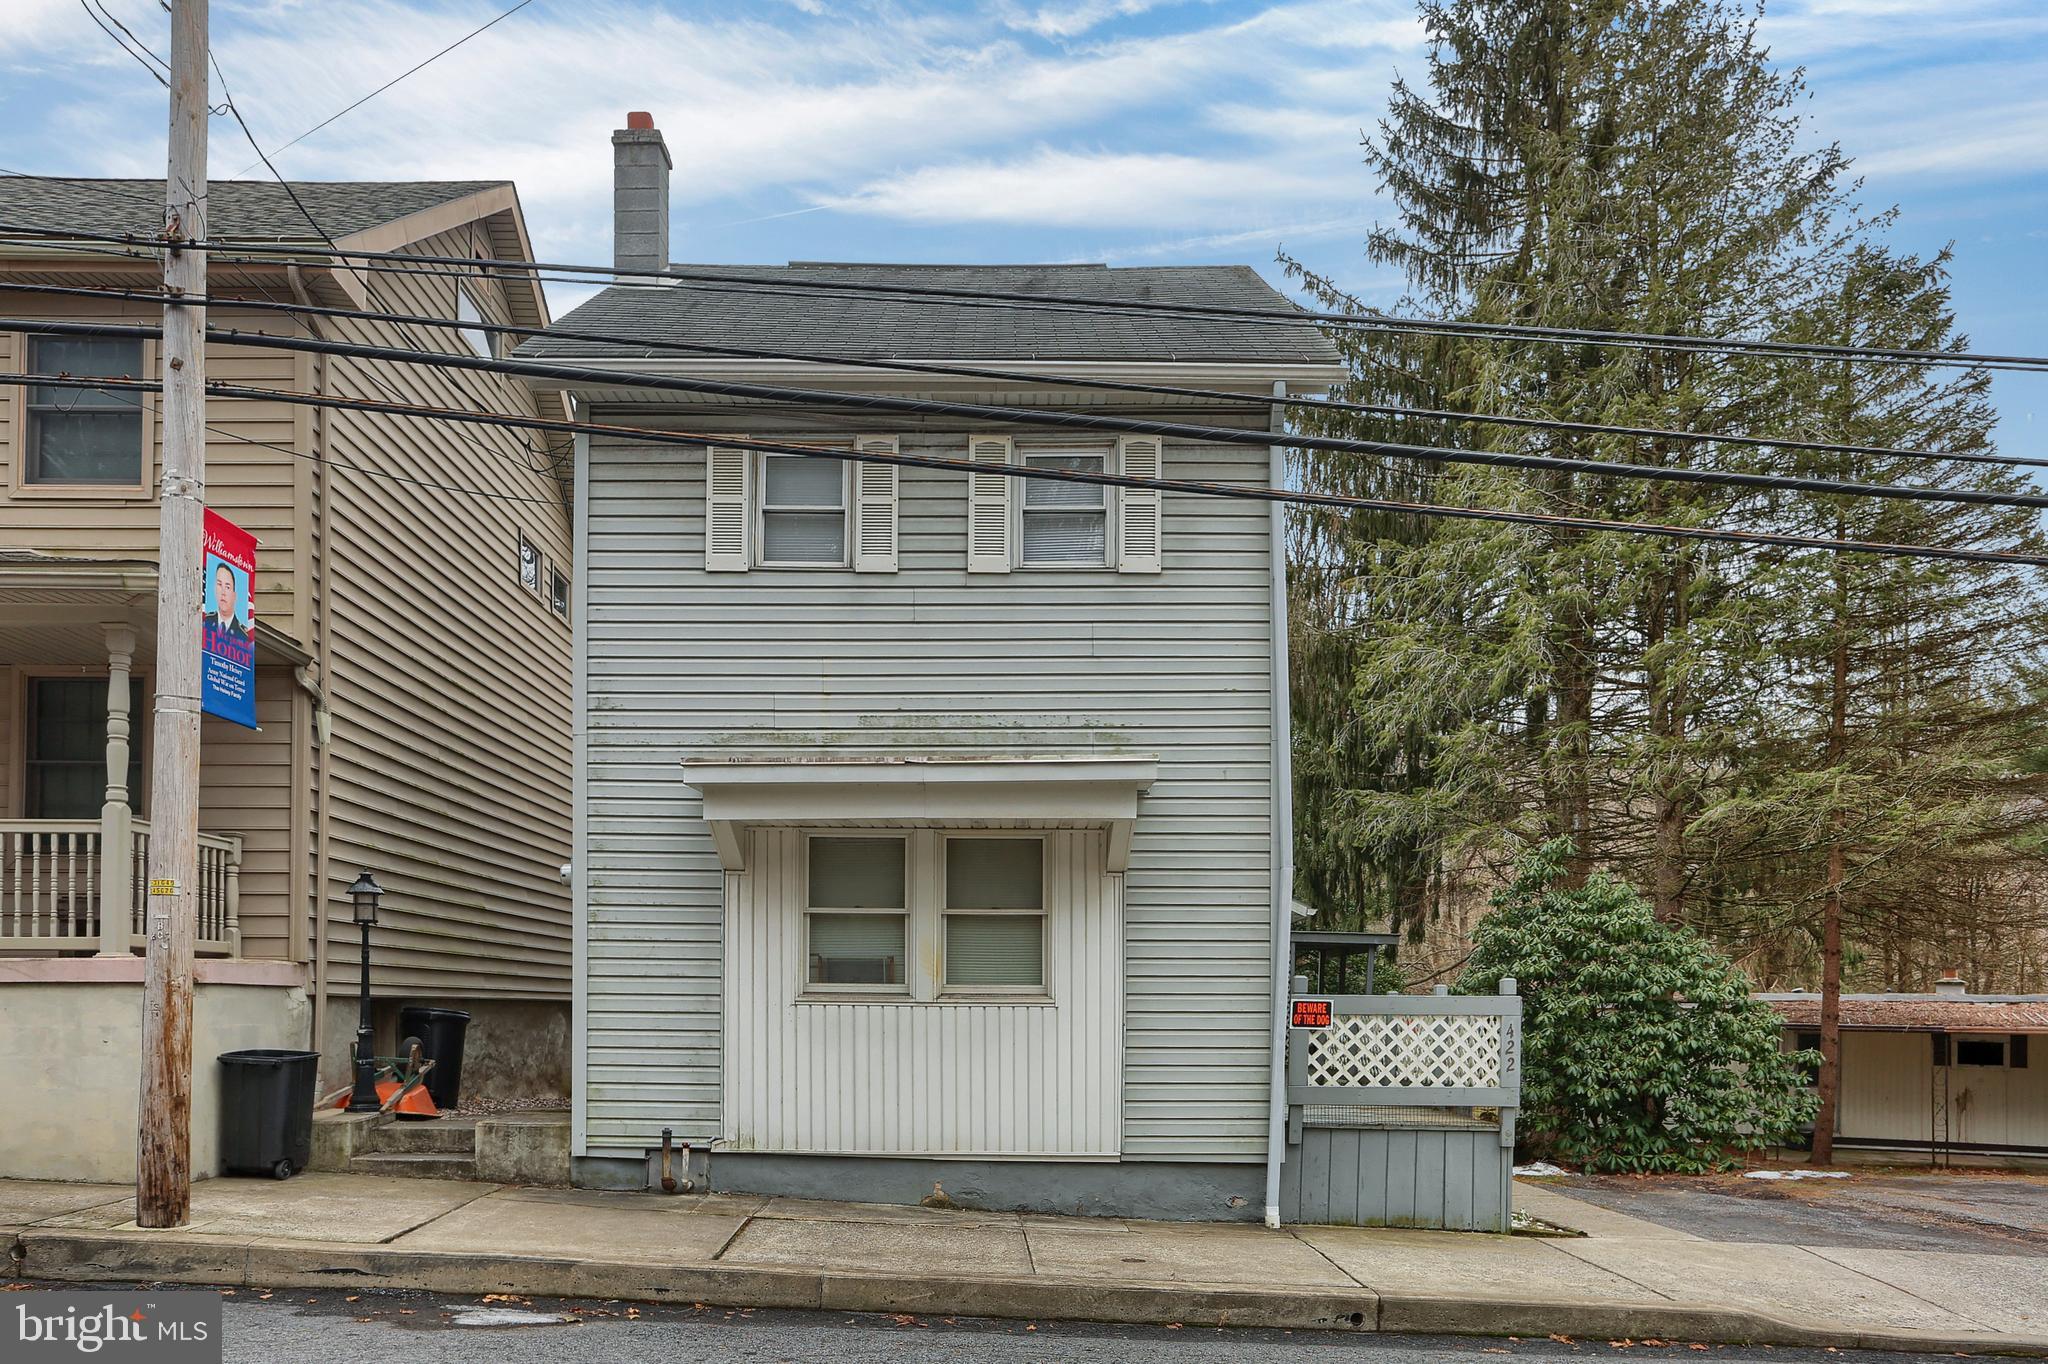 422 E MARKET STREET, WILLIAMSTOWN, PA 17098